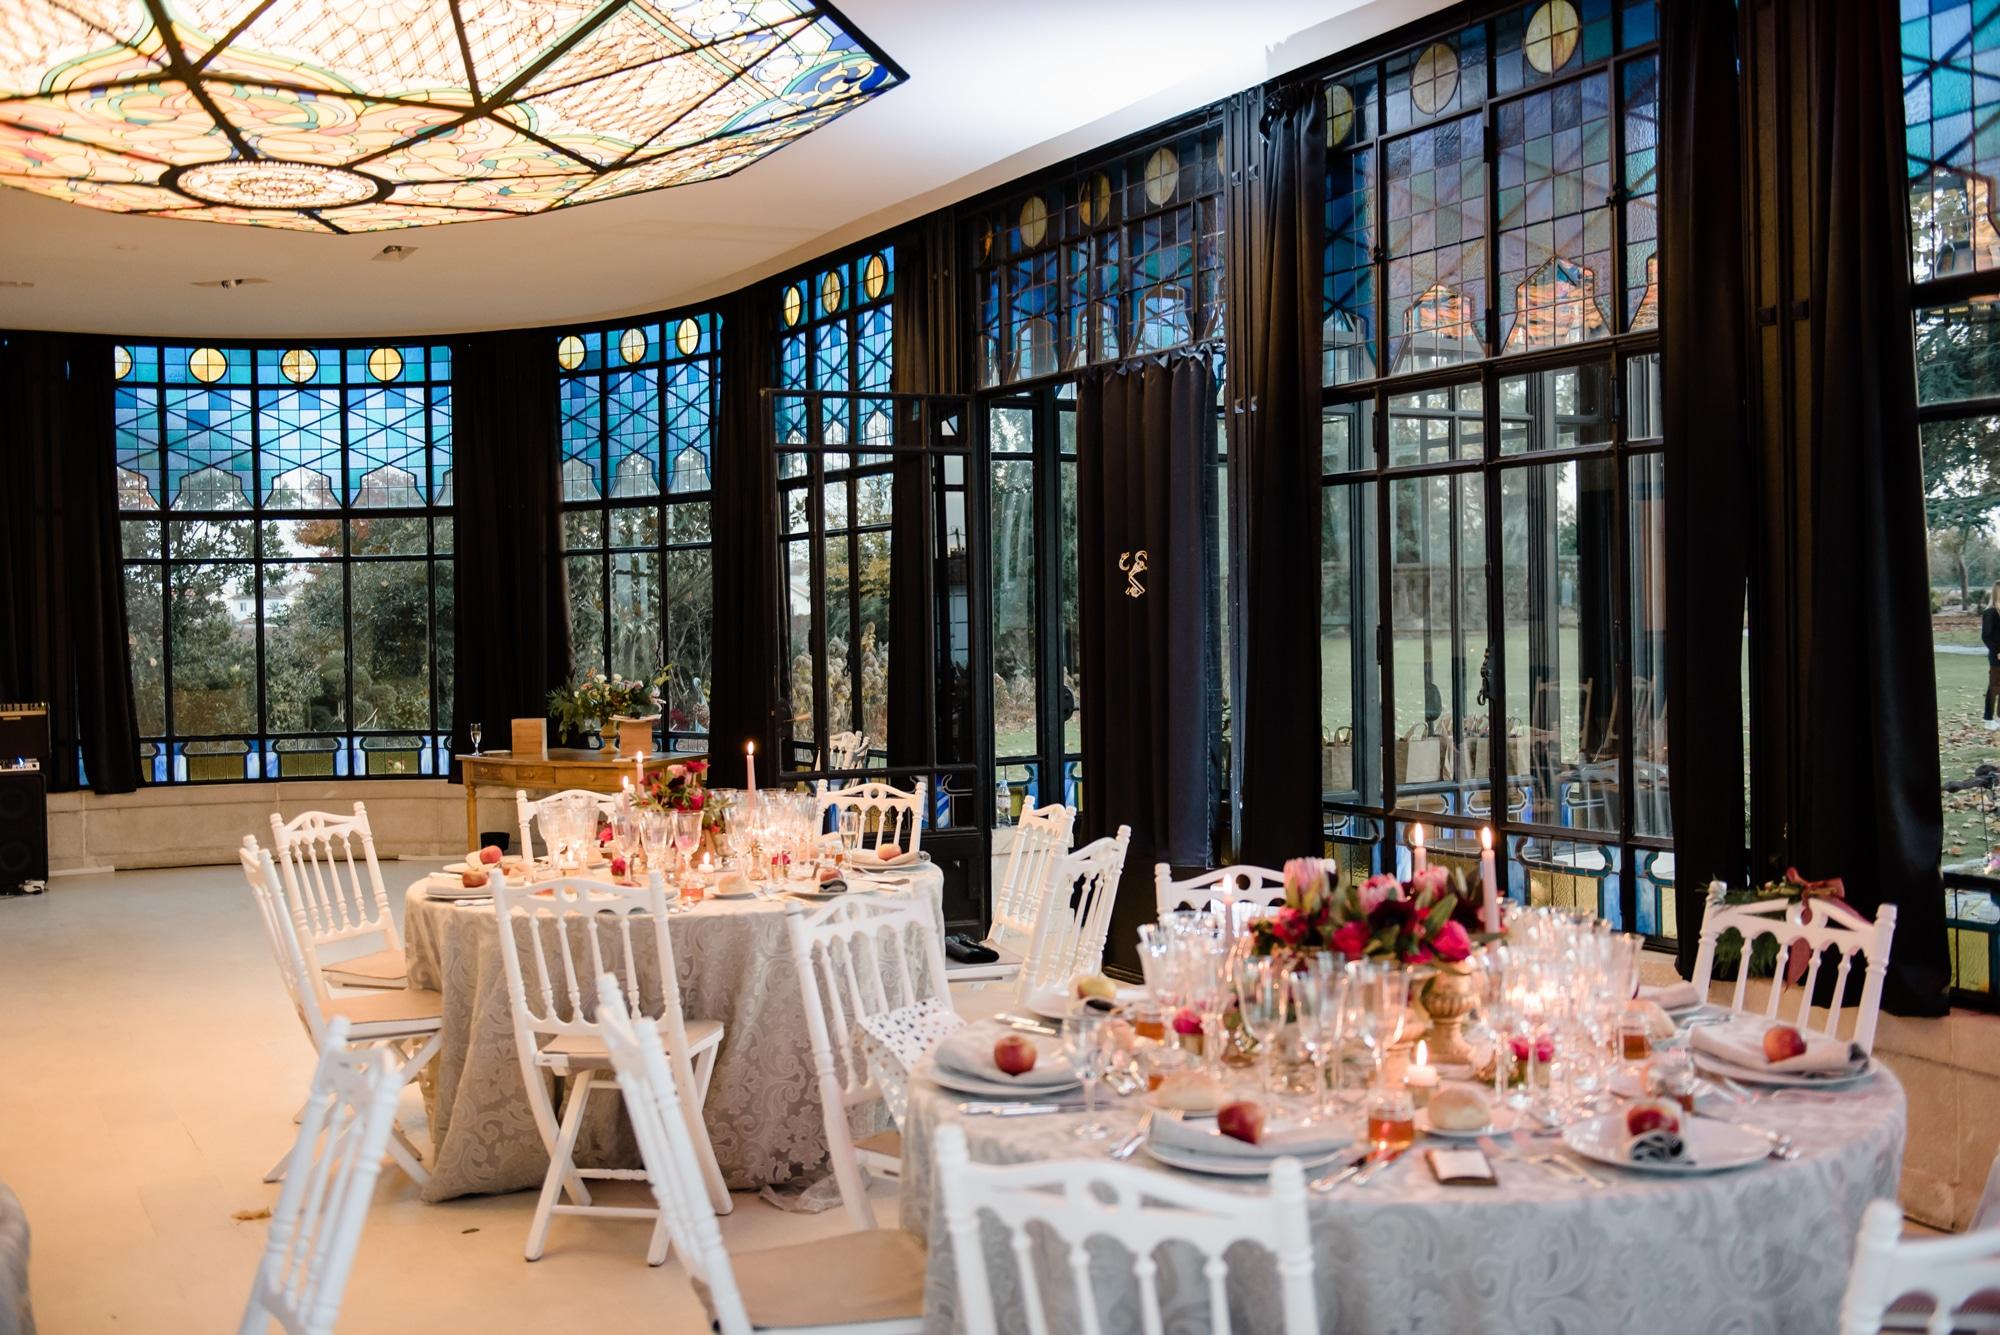 Wedding-venue-in-bordeaux-château-pape-clément-vineyards-dinner-set-up